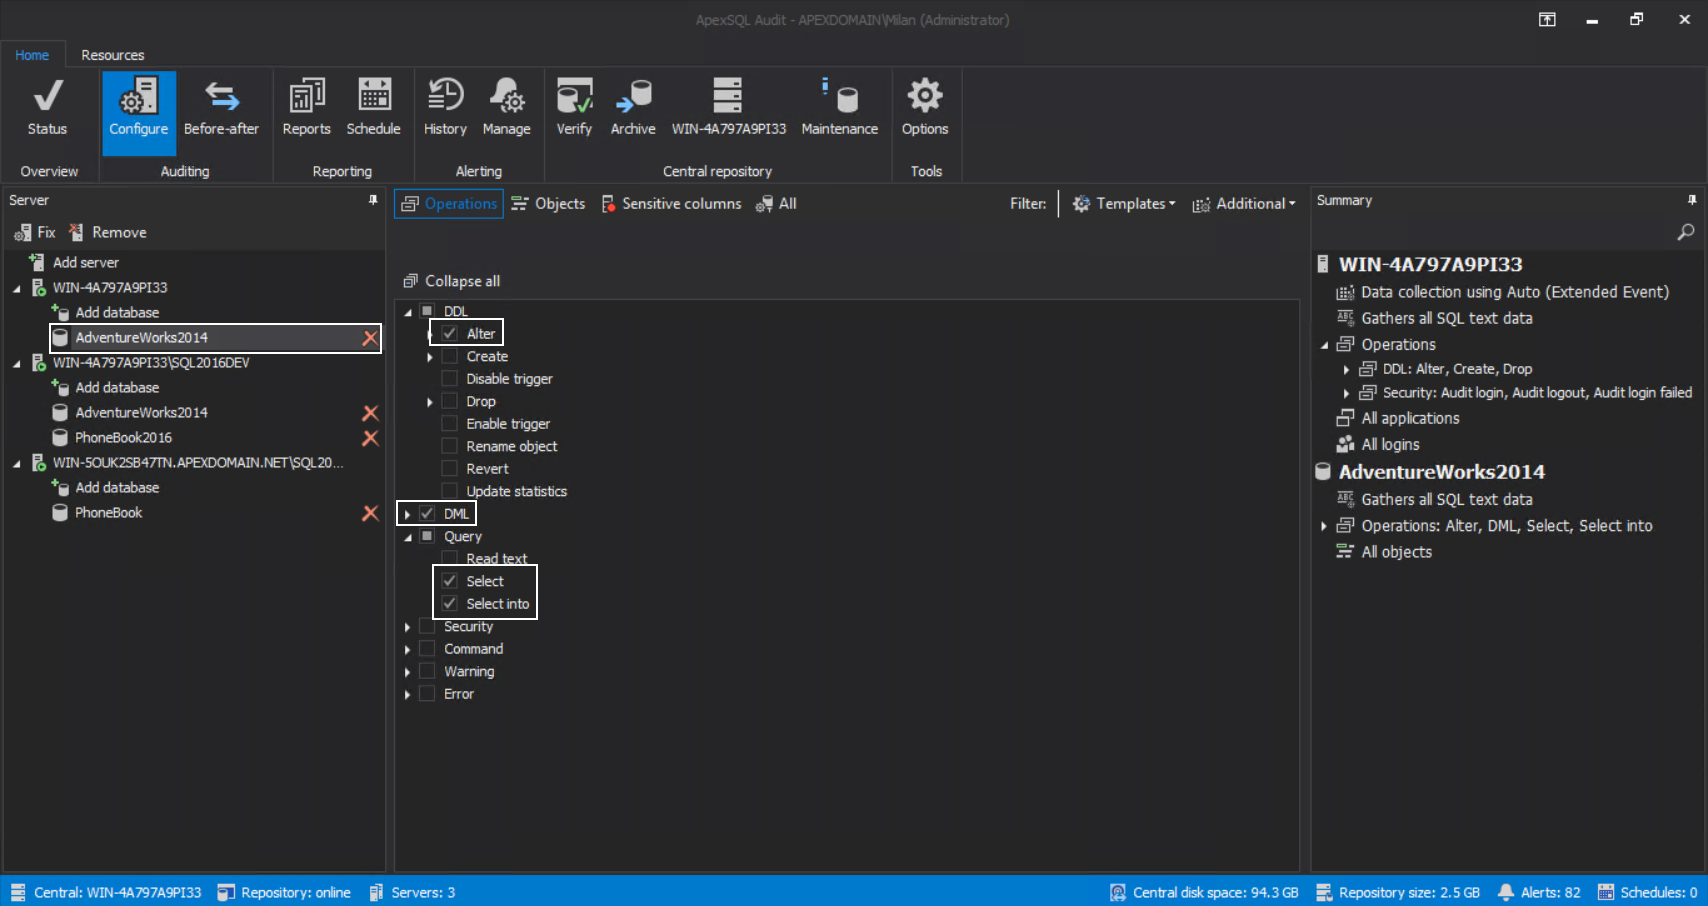 Configuring database for SQL audit